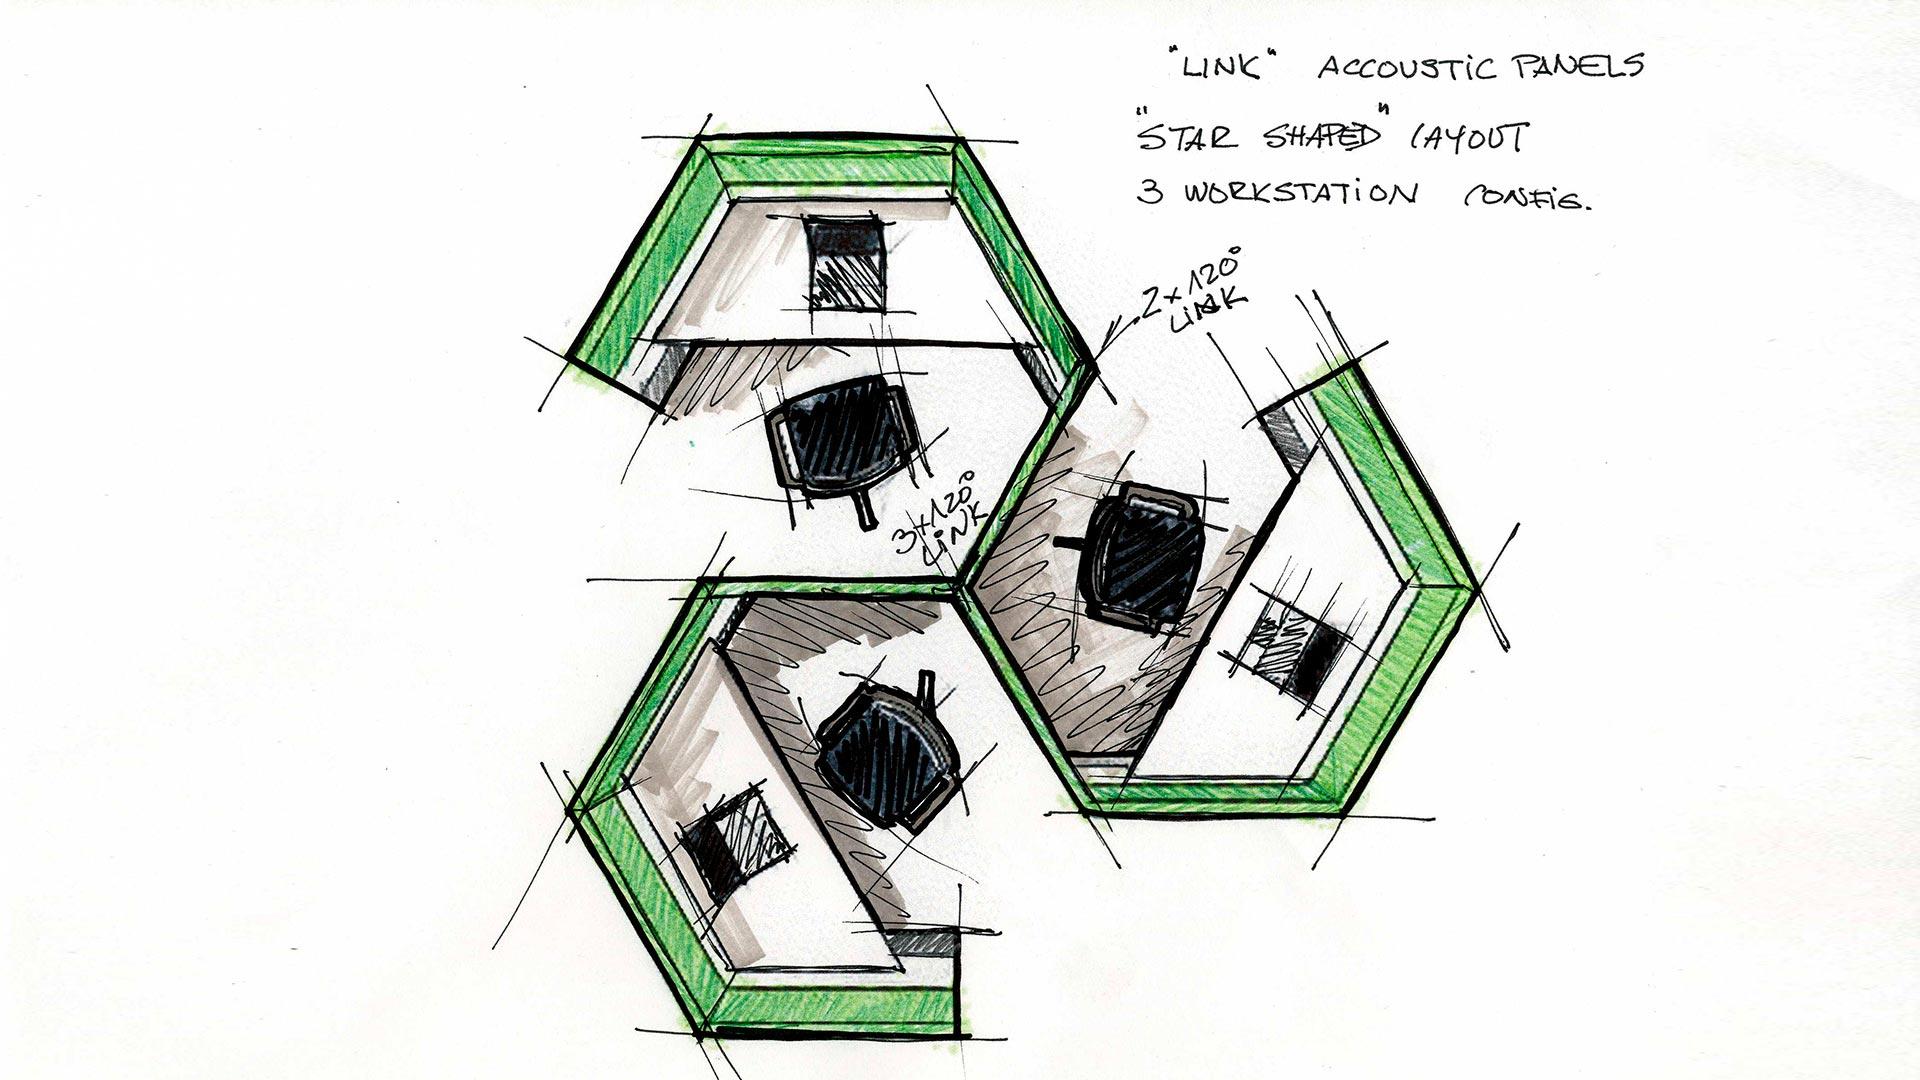 diseño-itemdesignworks-link